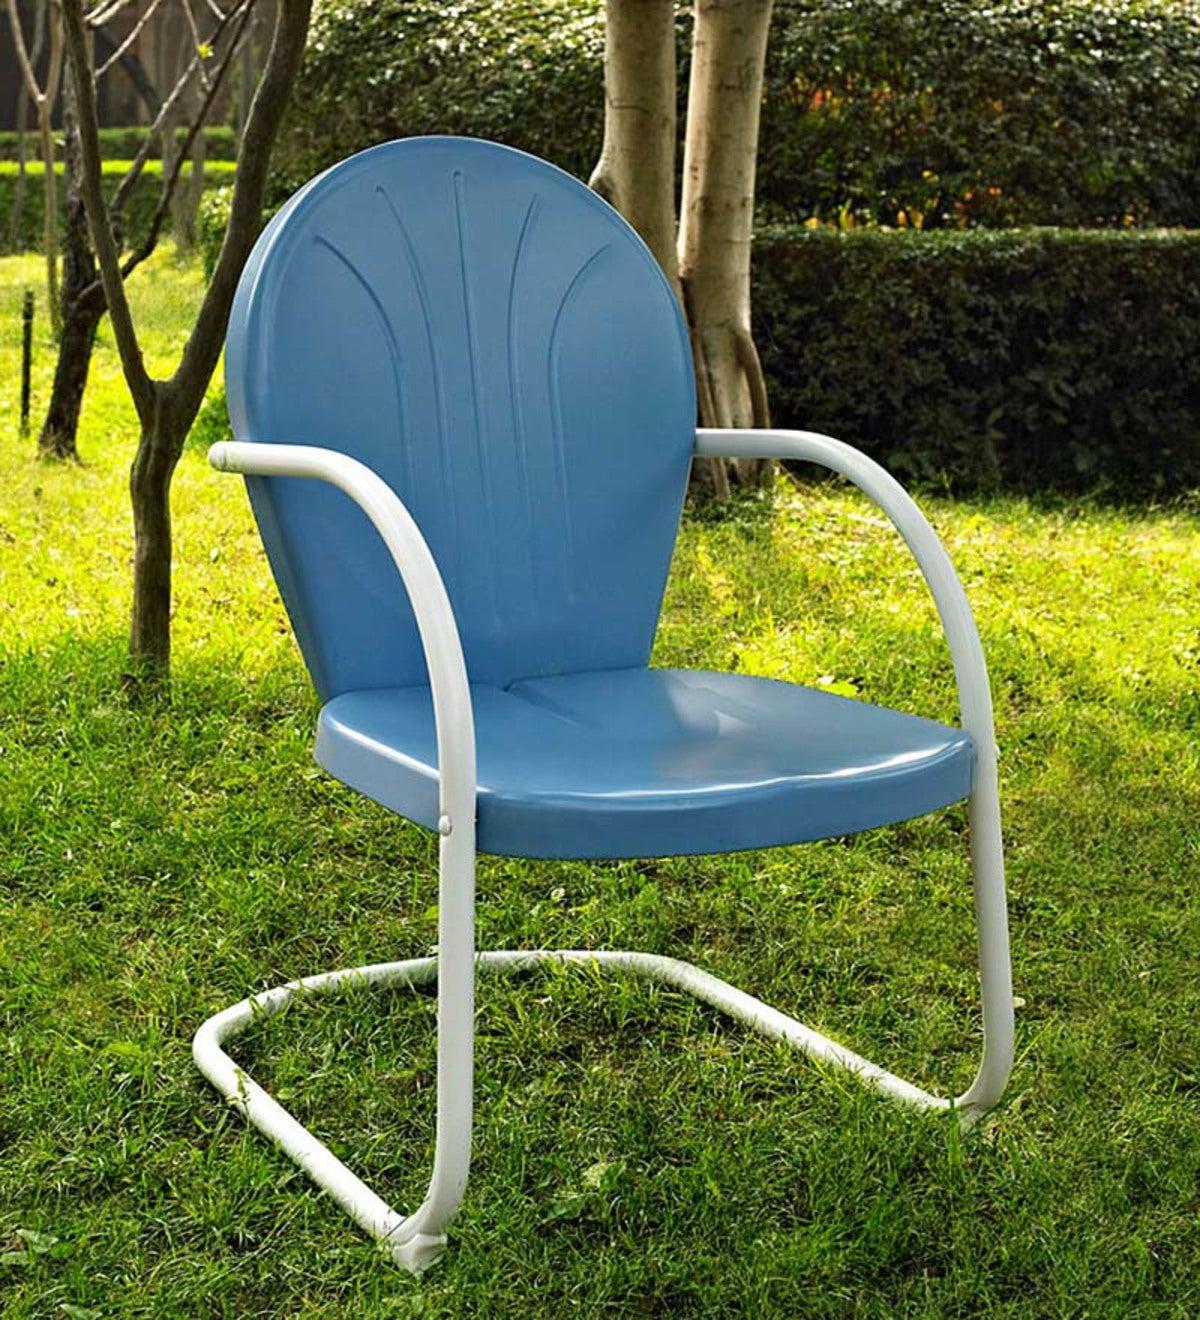 Griffith Retro Metal Lawn Chair Blue Plowhearth